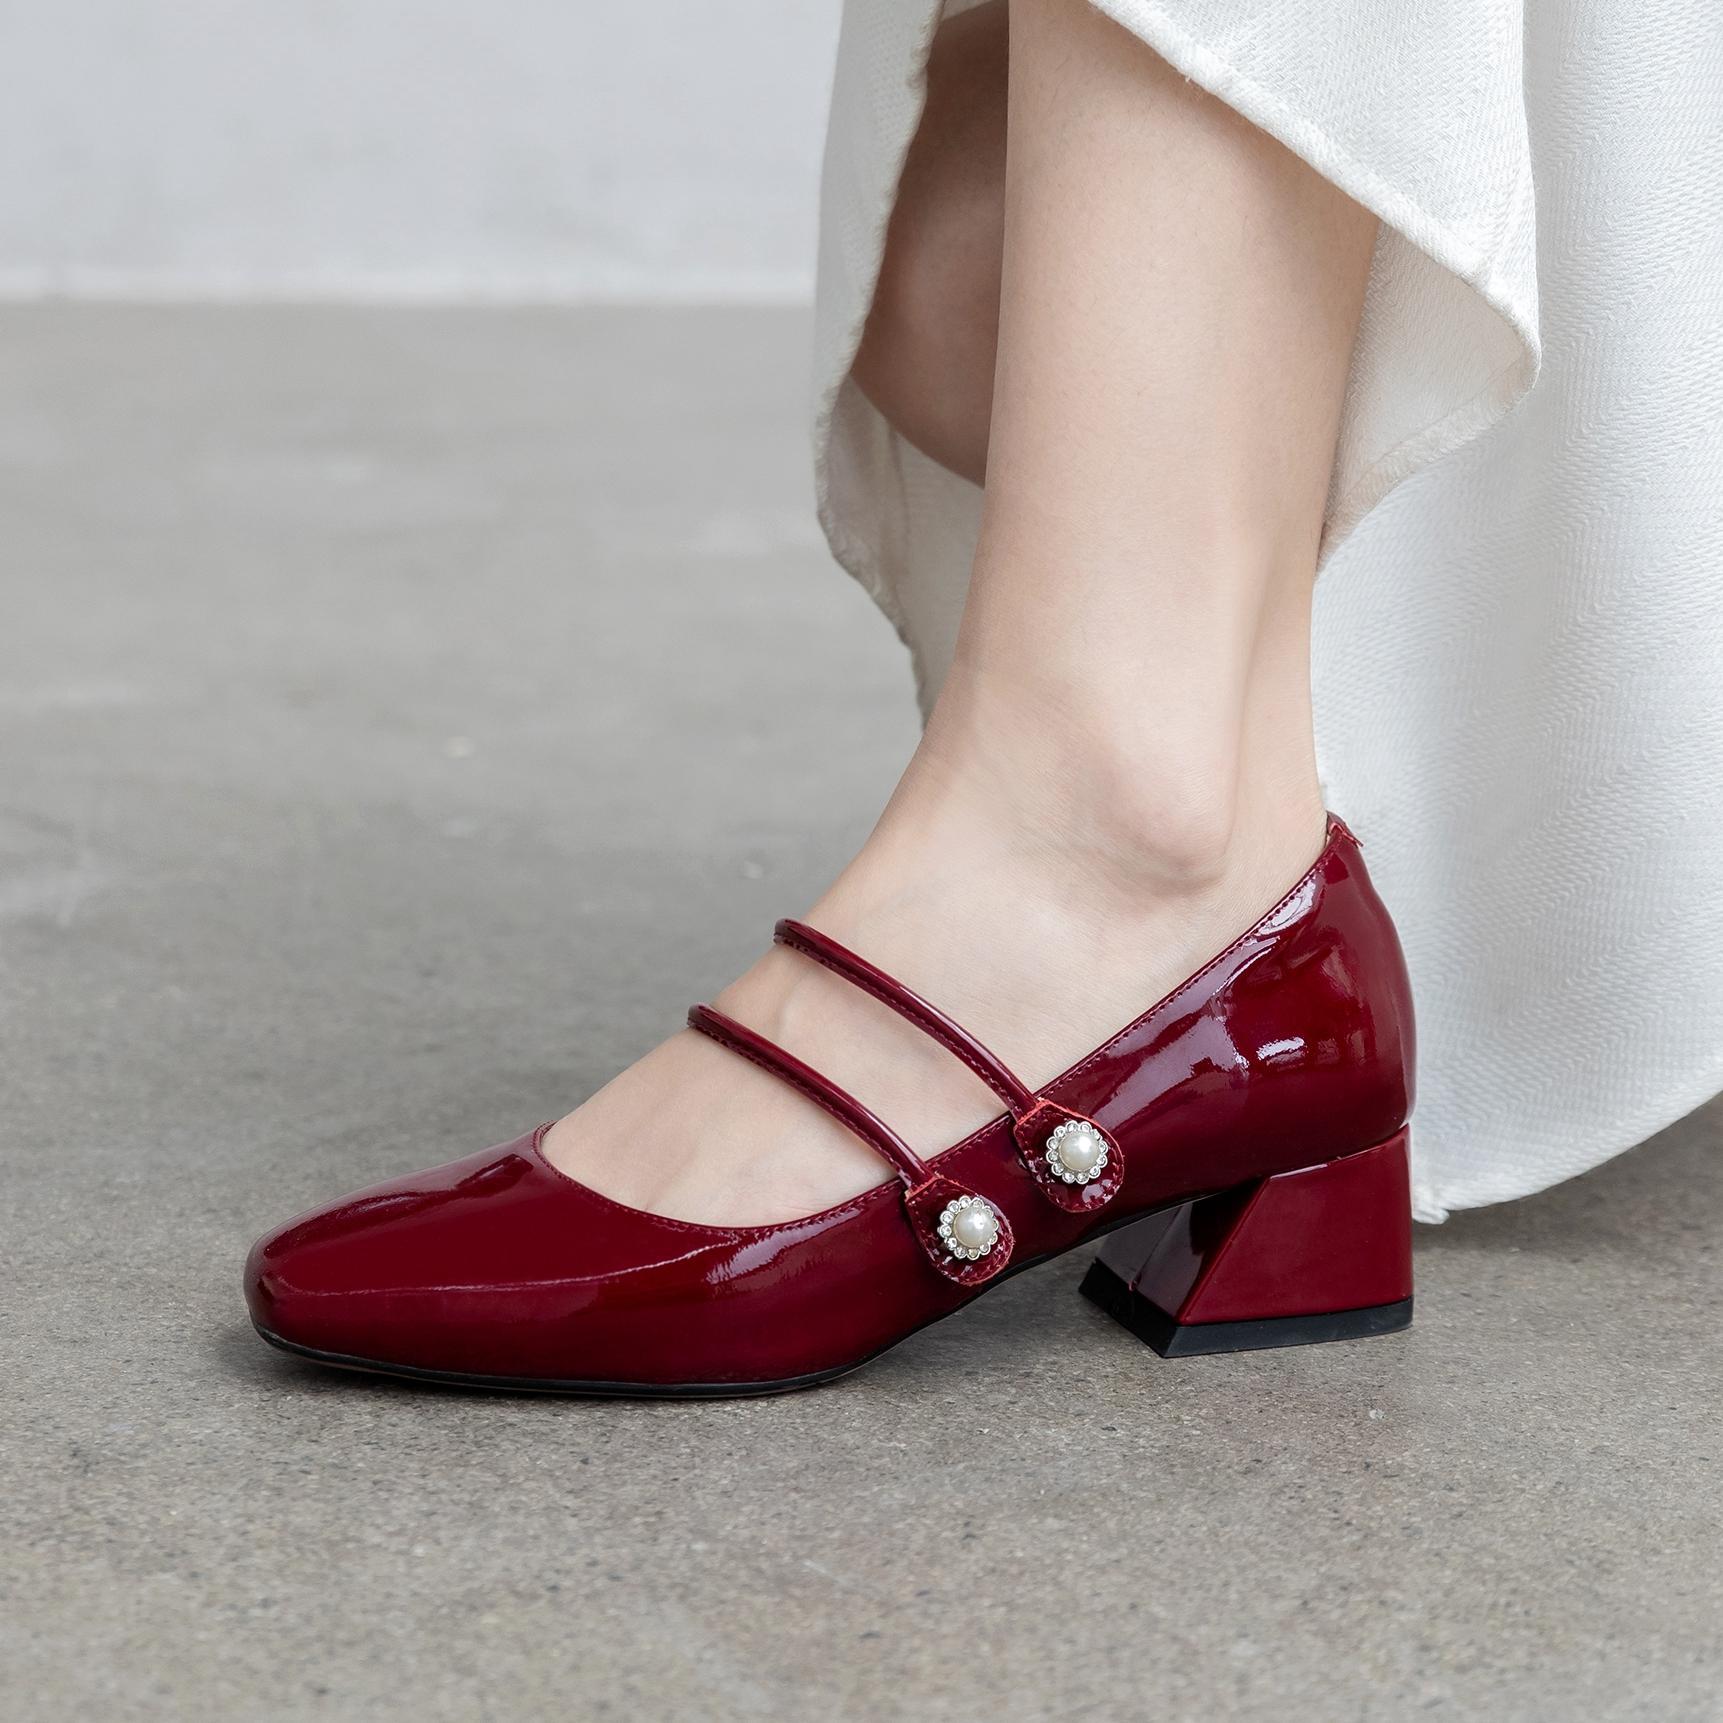 小ck玛丽珍鞋何其丑红色小皮鞋粗跟女单鞋中跟方头赫本复古鞋凉鞋